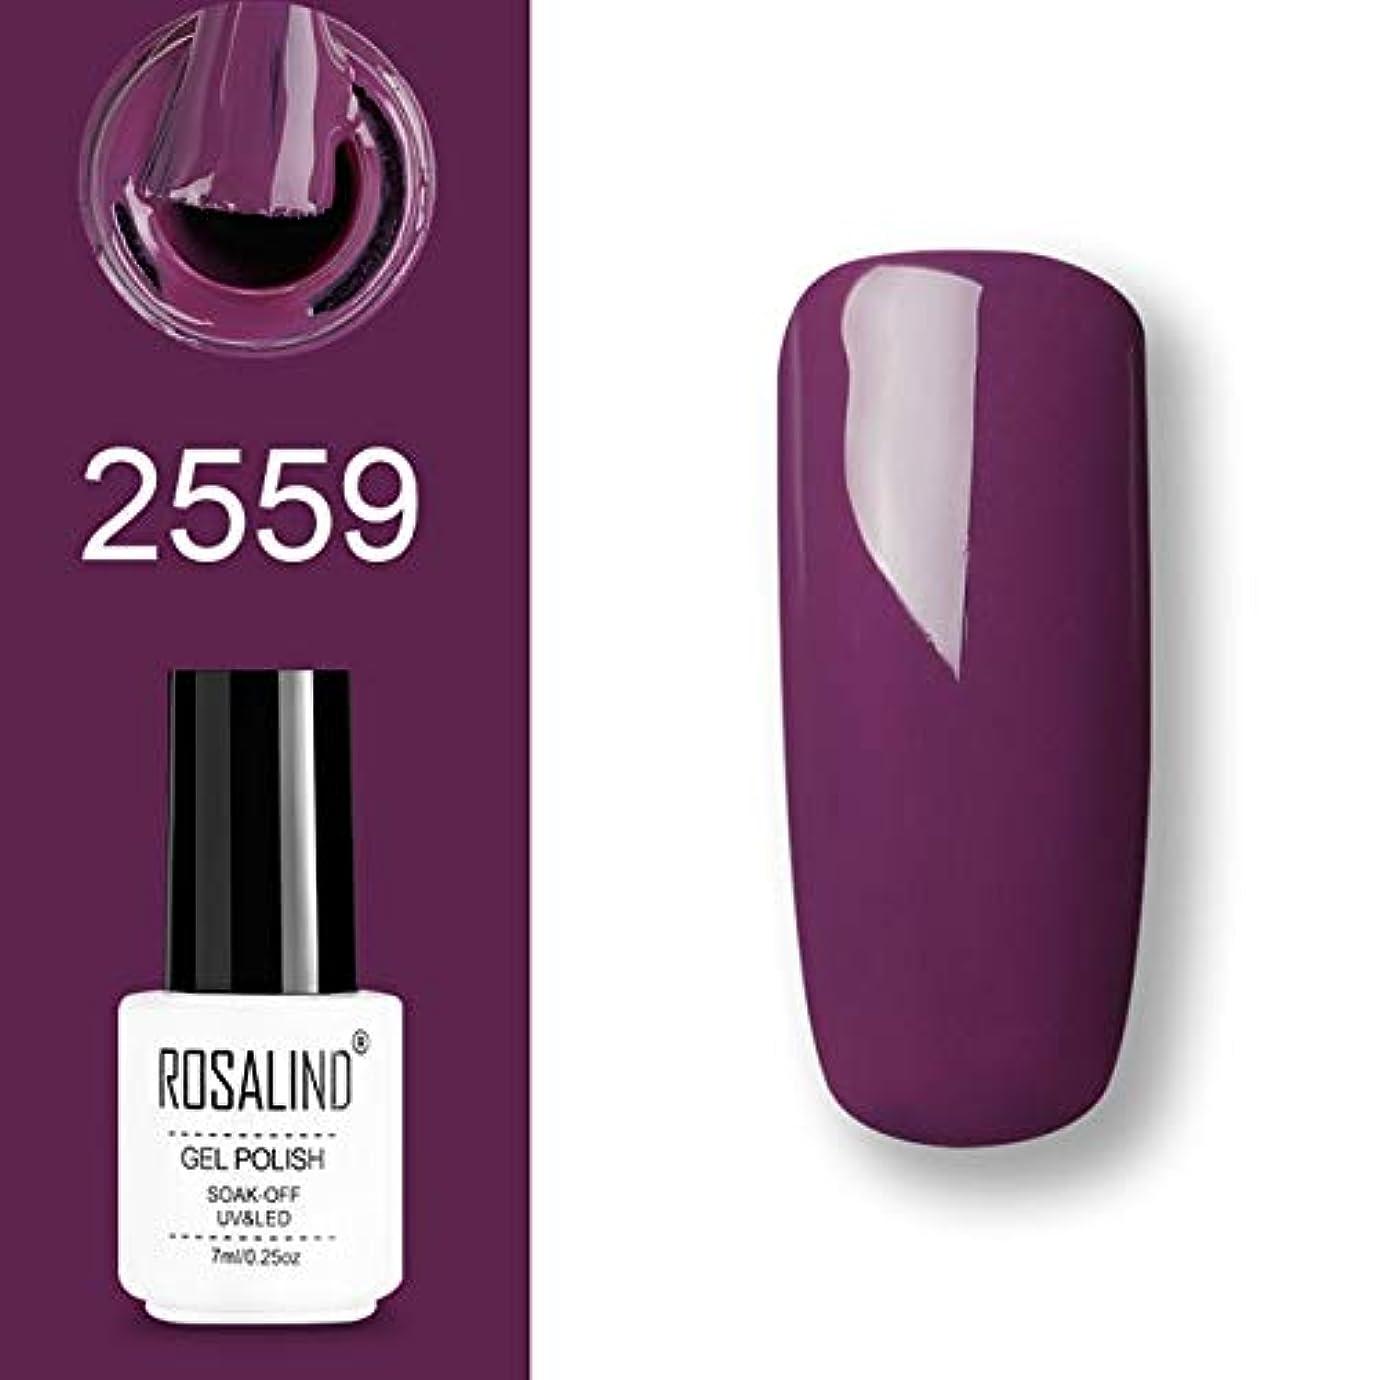 主流刈るうまれたファッションアイテム ROSALINDジェルポリッシュセットUV半永久プライマートップコートポリジェルニスネイルアートマニキュアジェル、容量:7ml 2559。 環境に優しいマニキュア